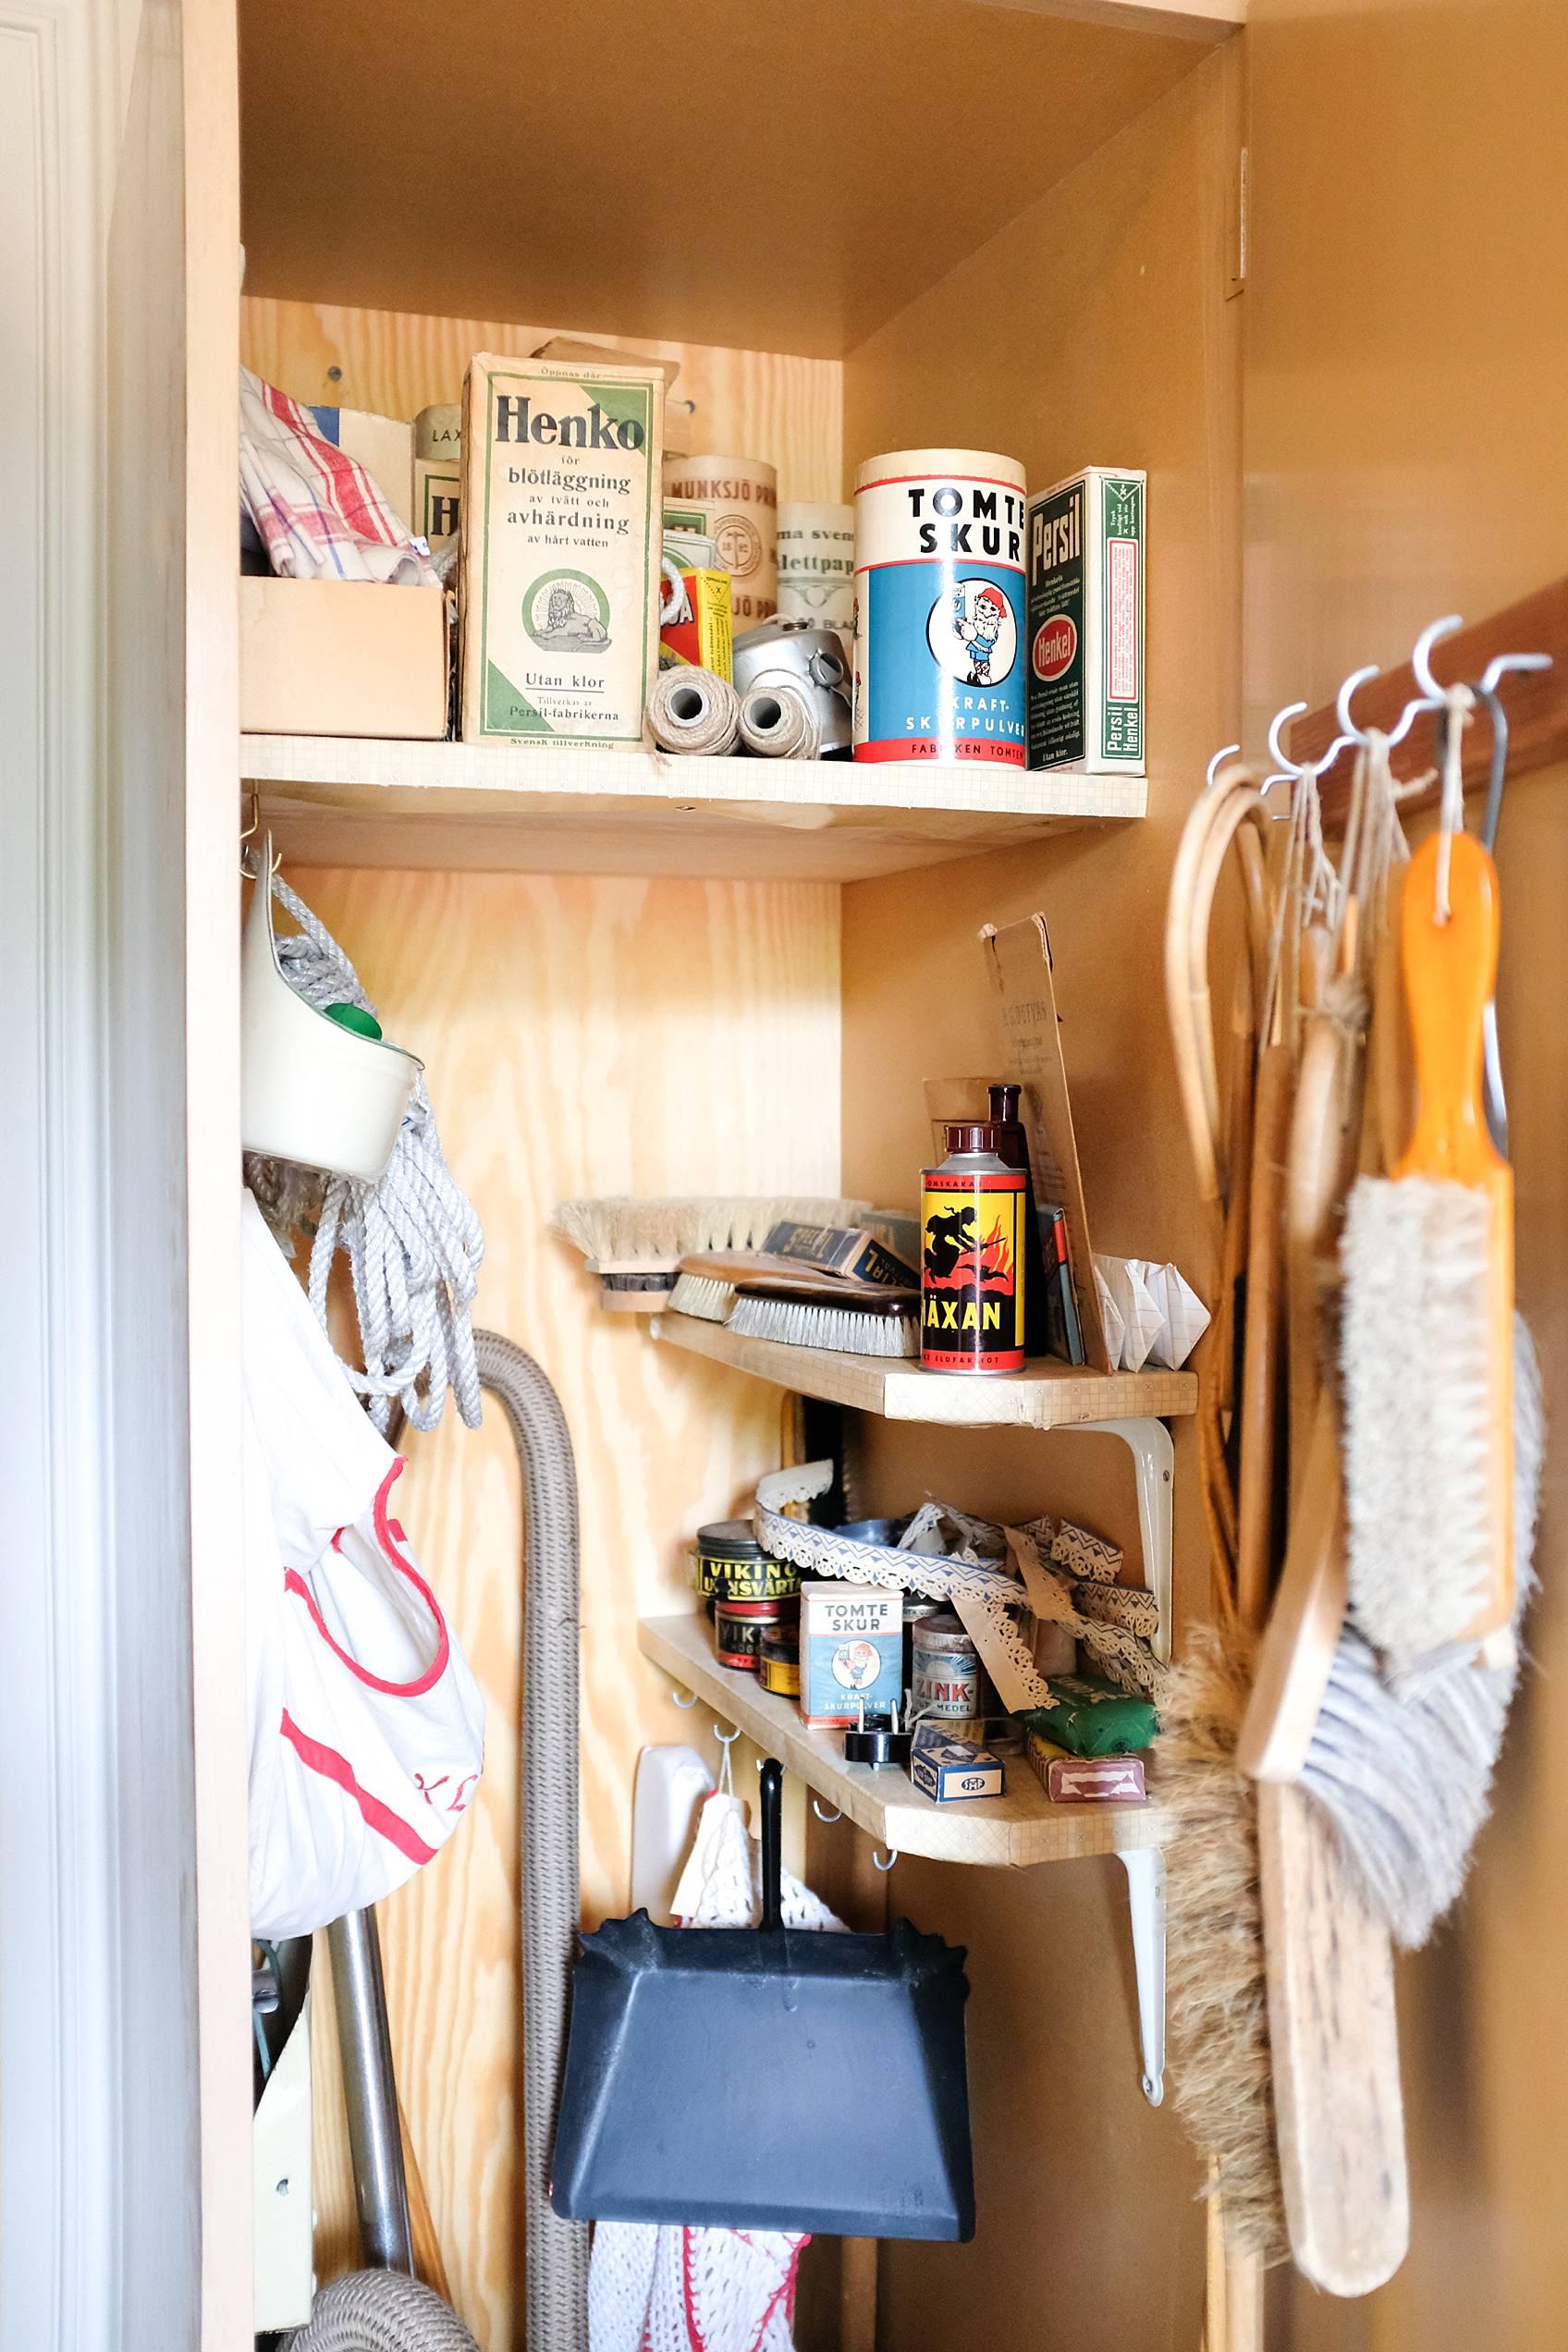 skansen stockholm cottage living decor for inspiration, inside home cupboard pantry